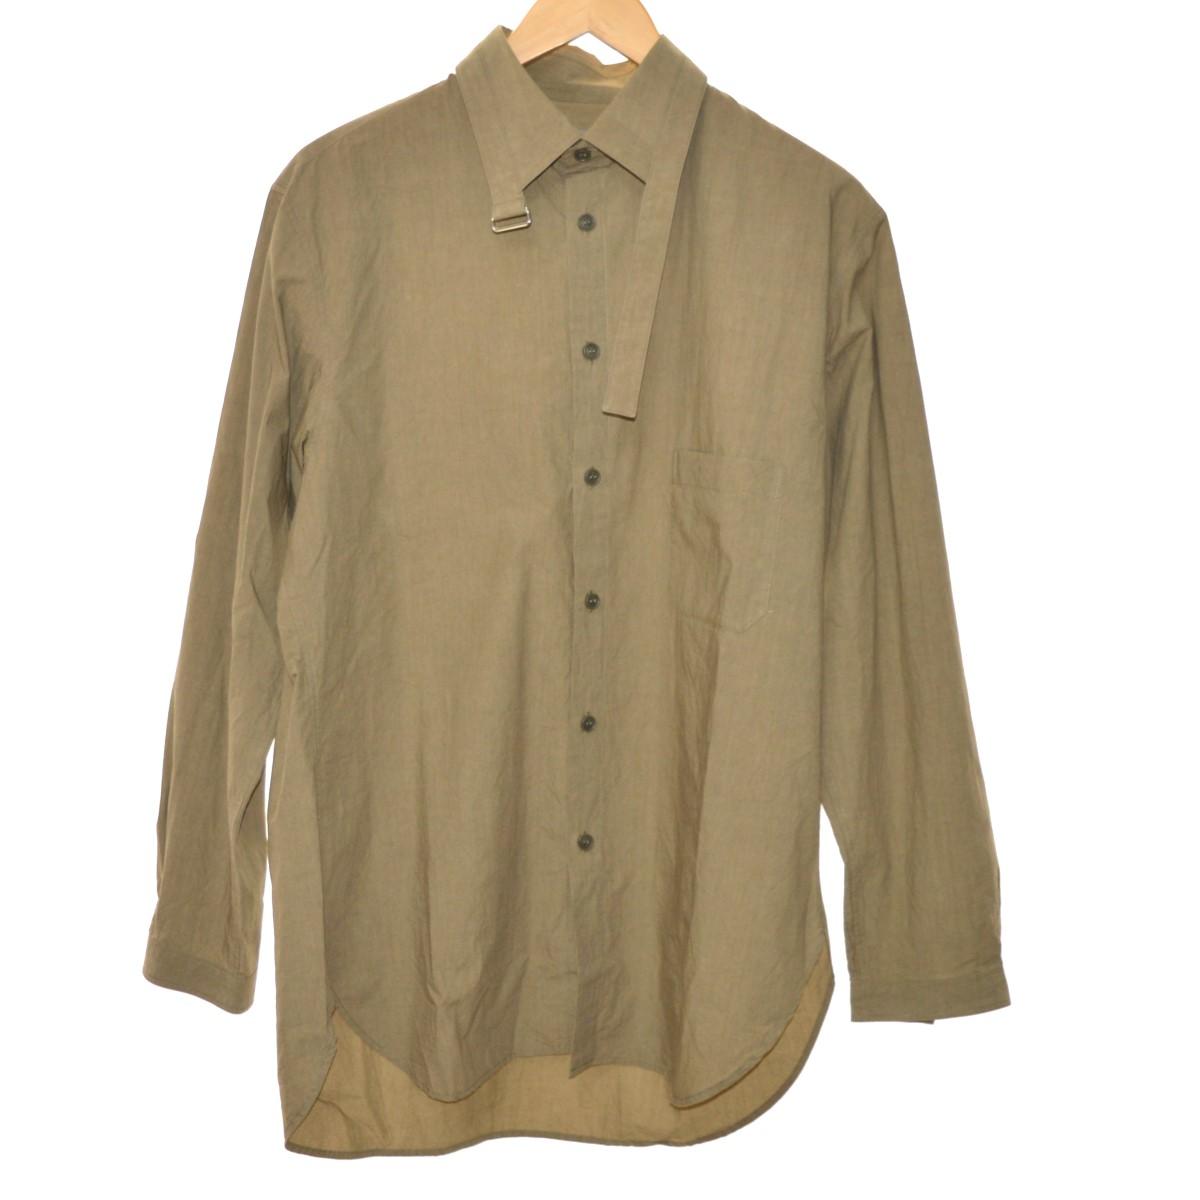 【中古】YOHJI YAMAMOTO pour homme 18SS 襟ベルト付きロングシャツ ベージュ サイズ:2 【310520】(ヨウジヤマモトプールオム)